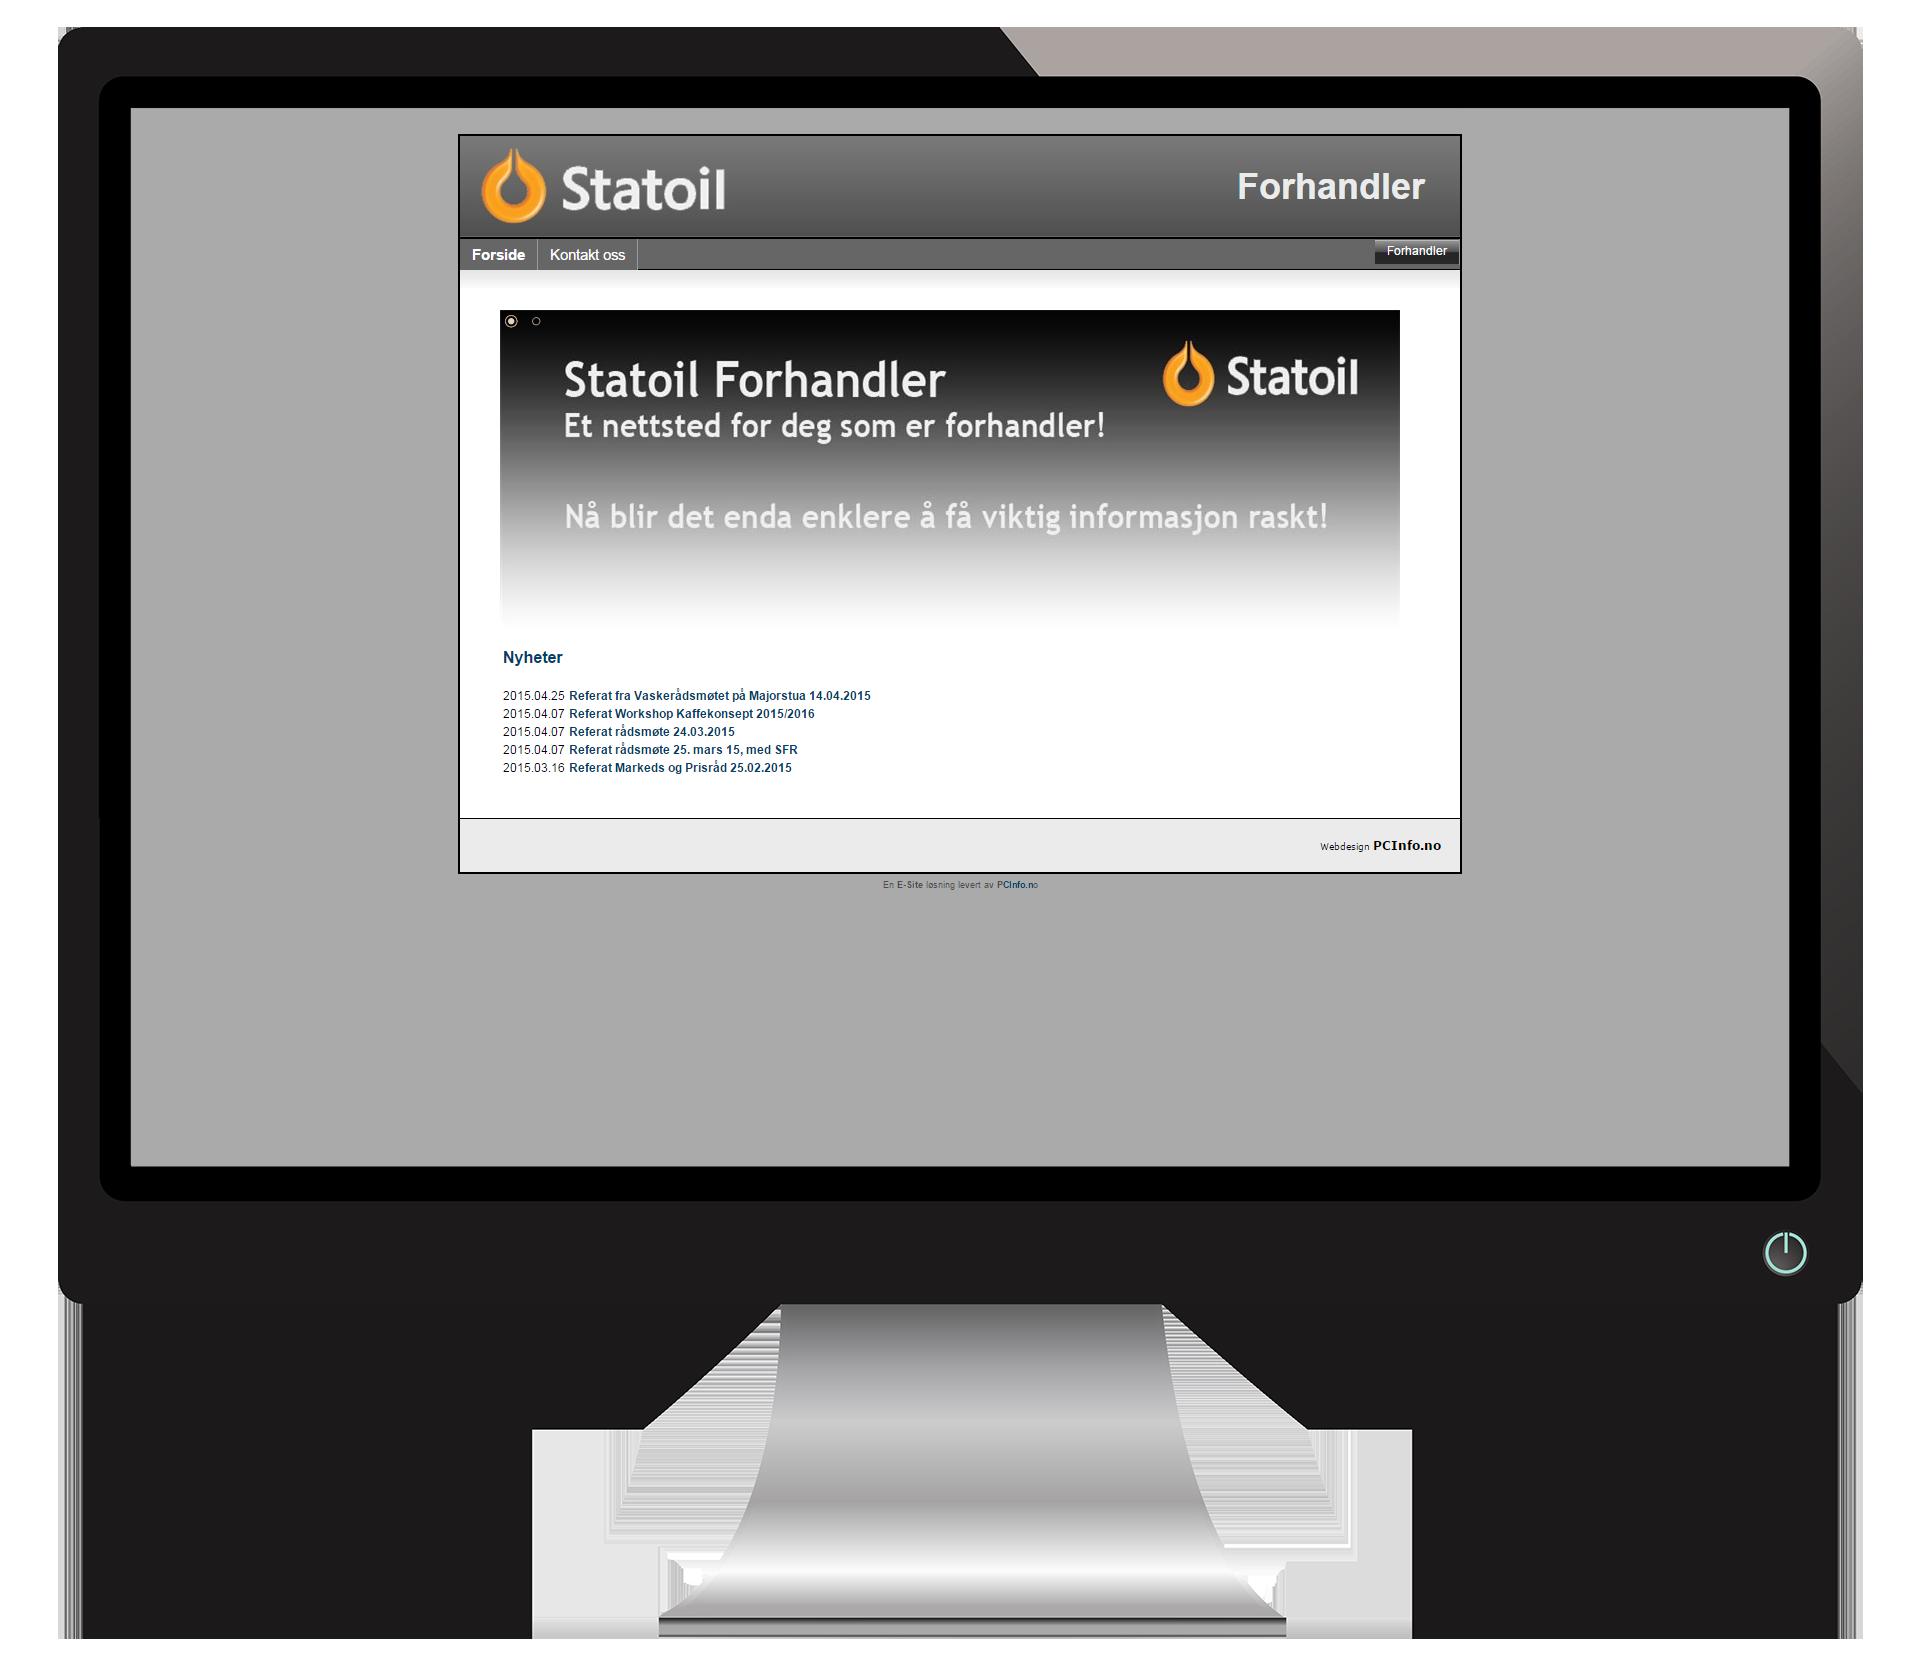 En pc-skjerm som viser nettsidene til StatoilForhandler